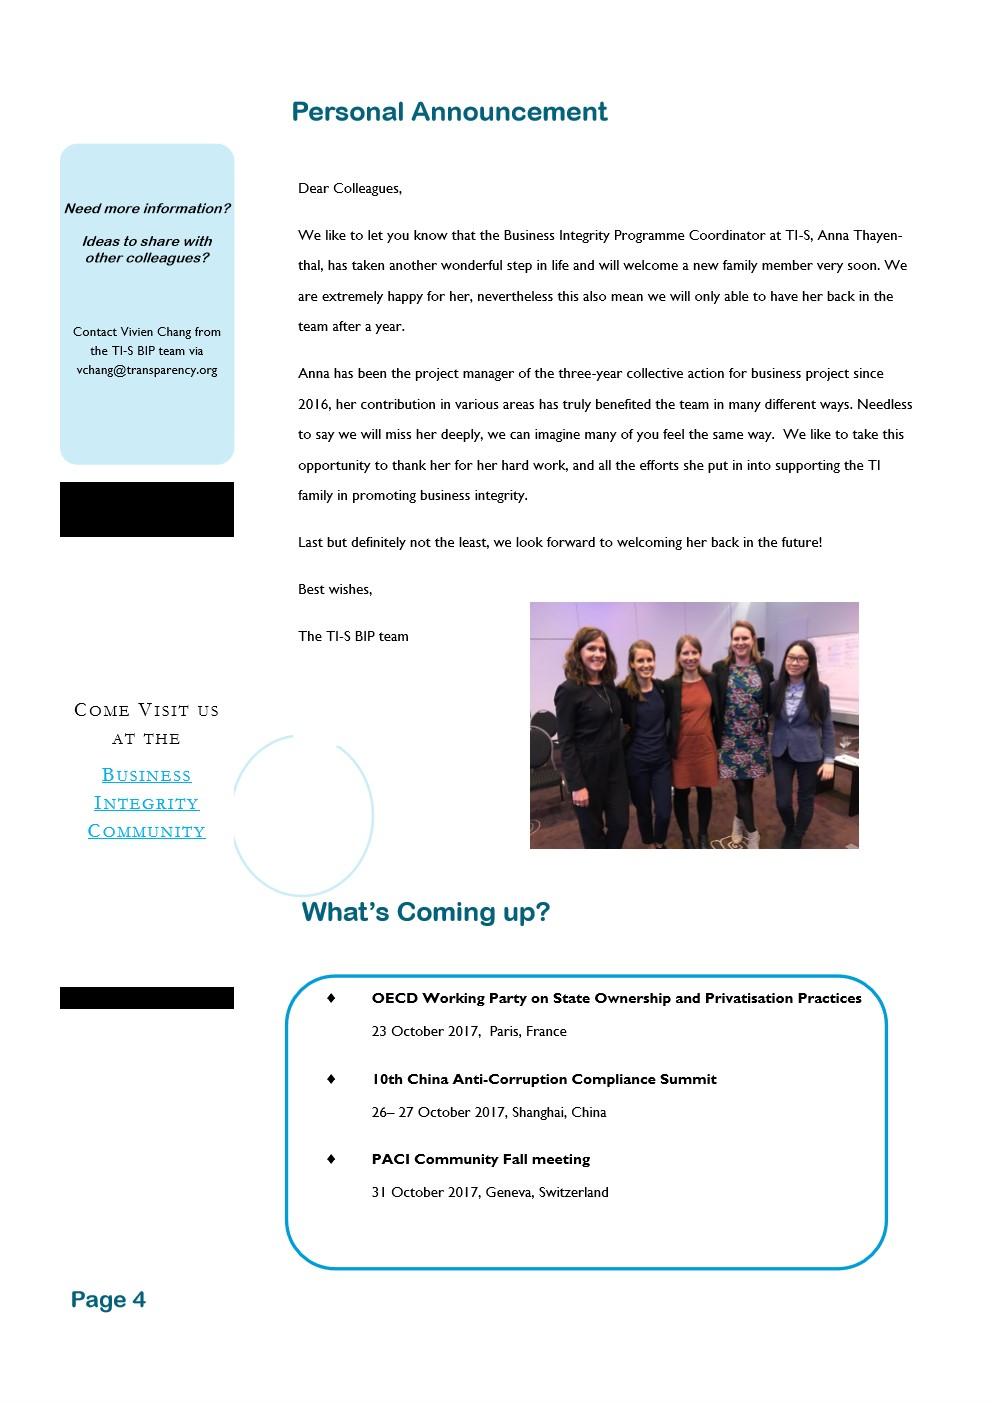 ניוזלטר עסקי לחודש אוקטובר 2017 - עמוד 4